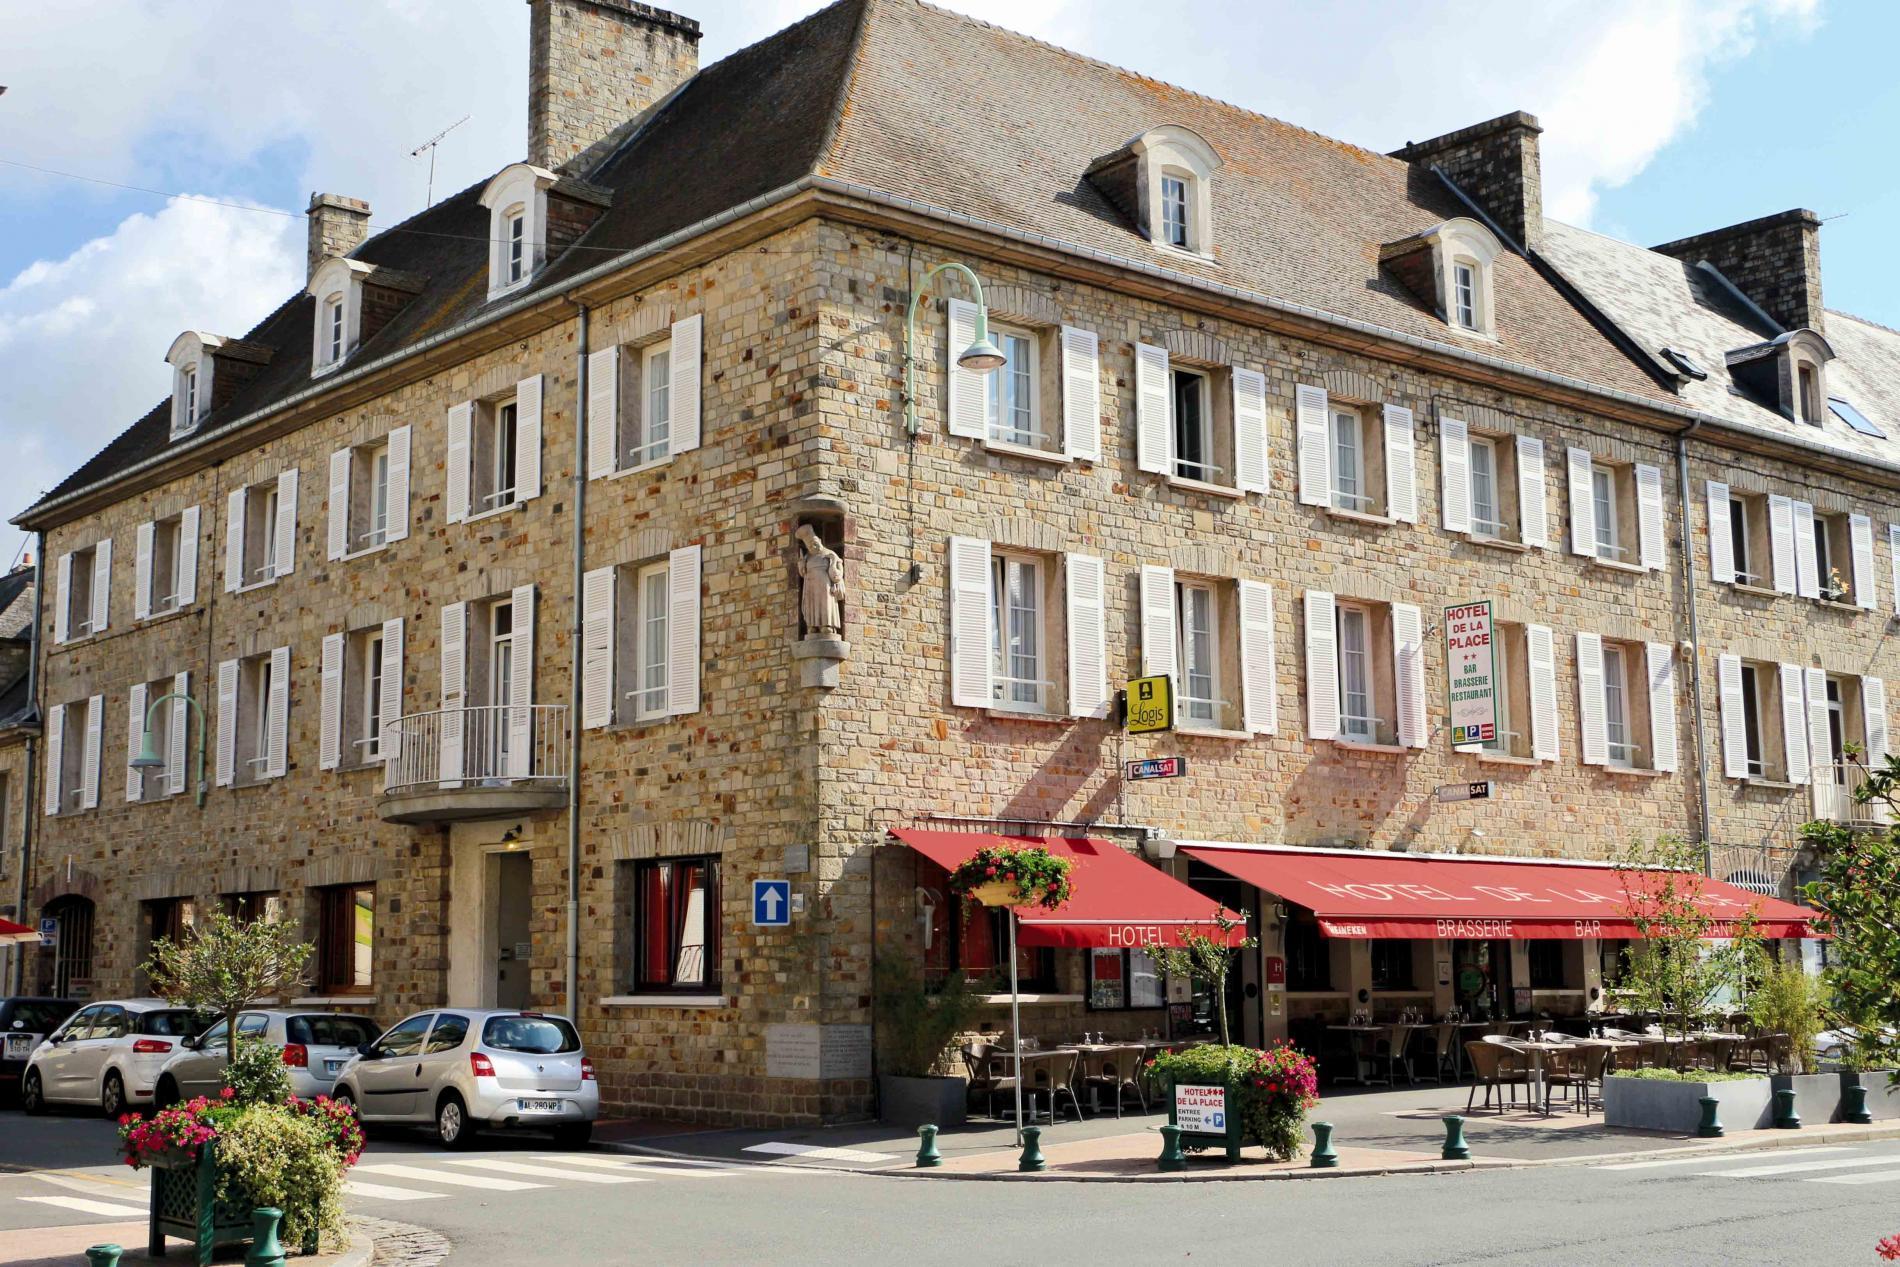 Hotel de la Place - Hotel en Normandie